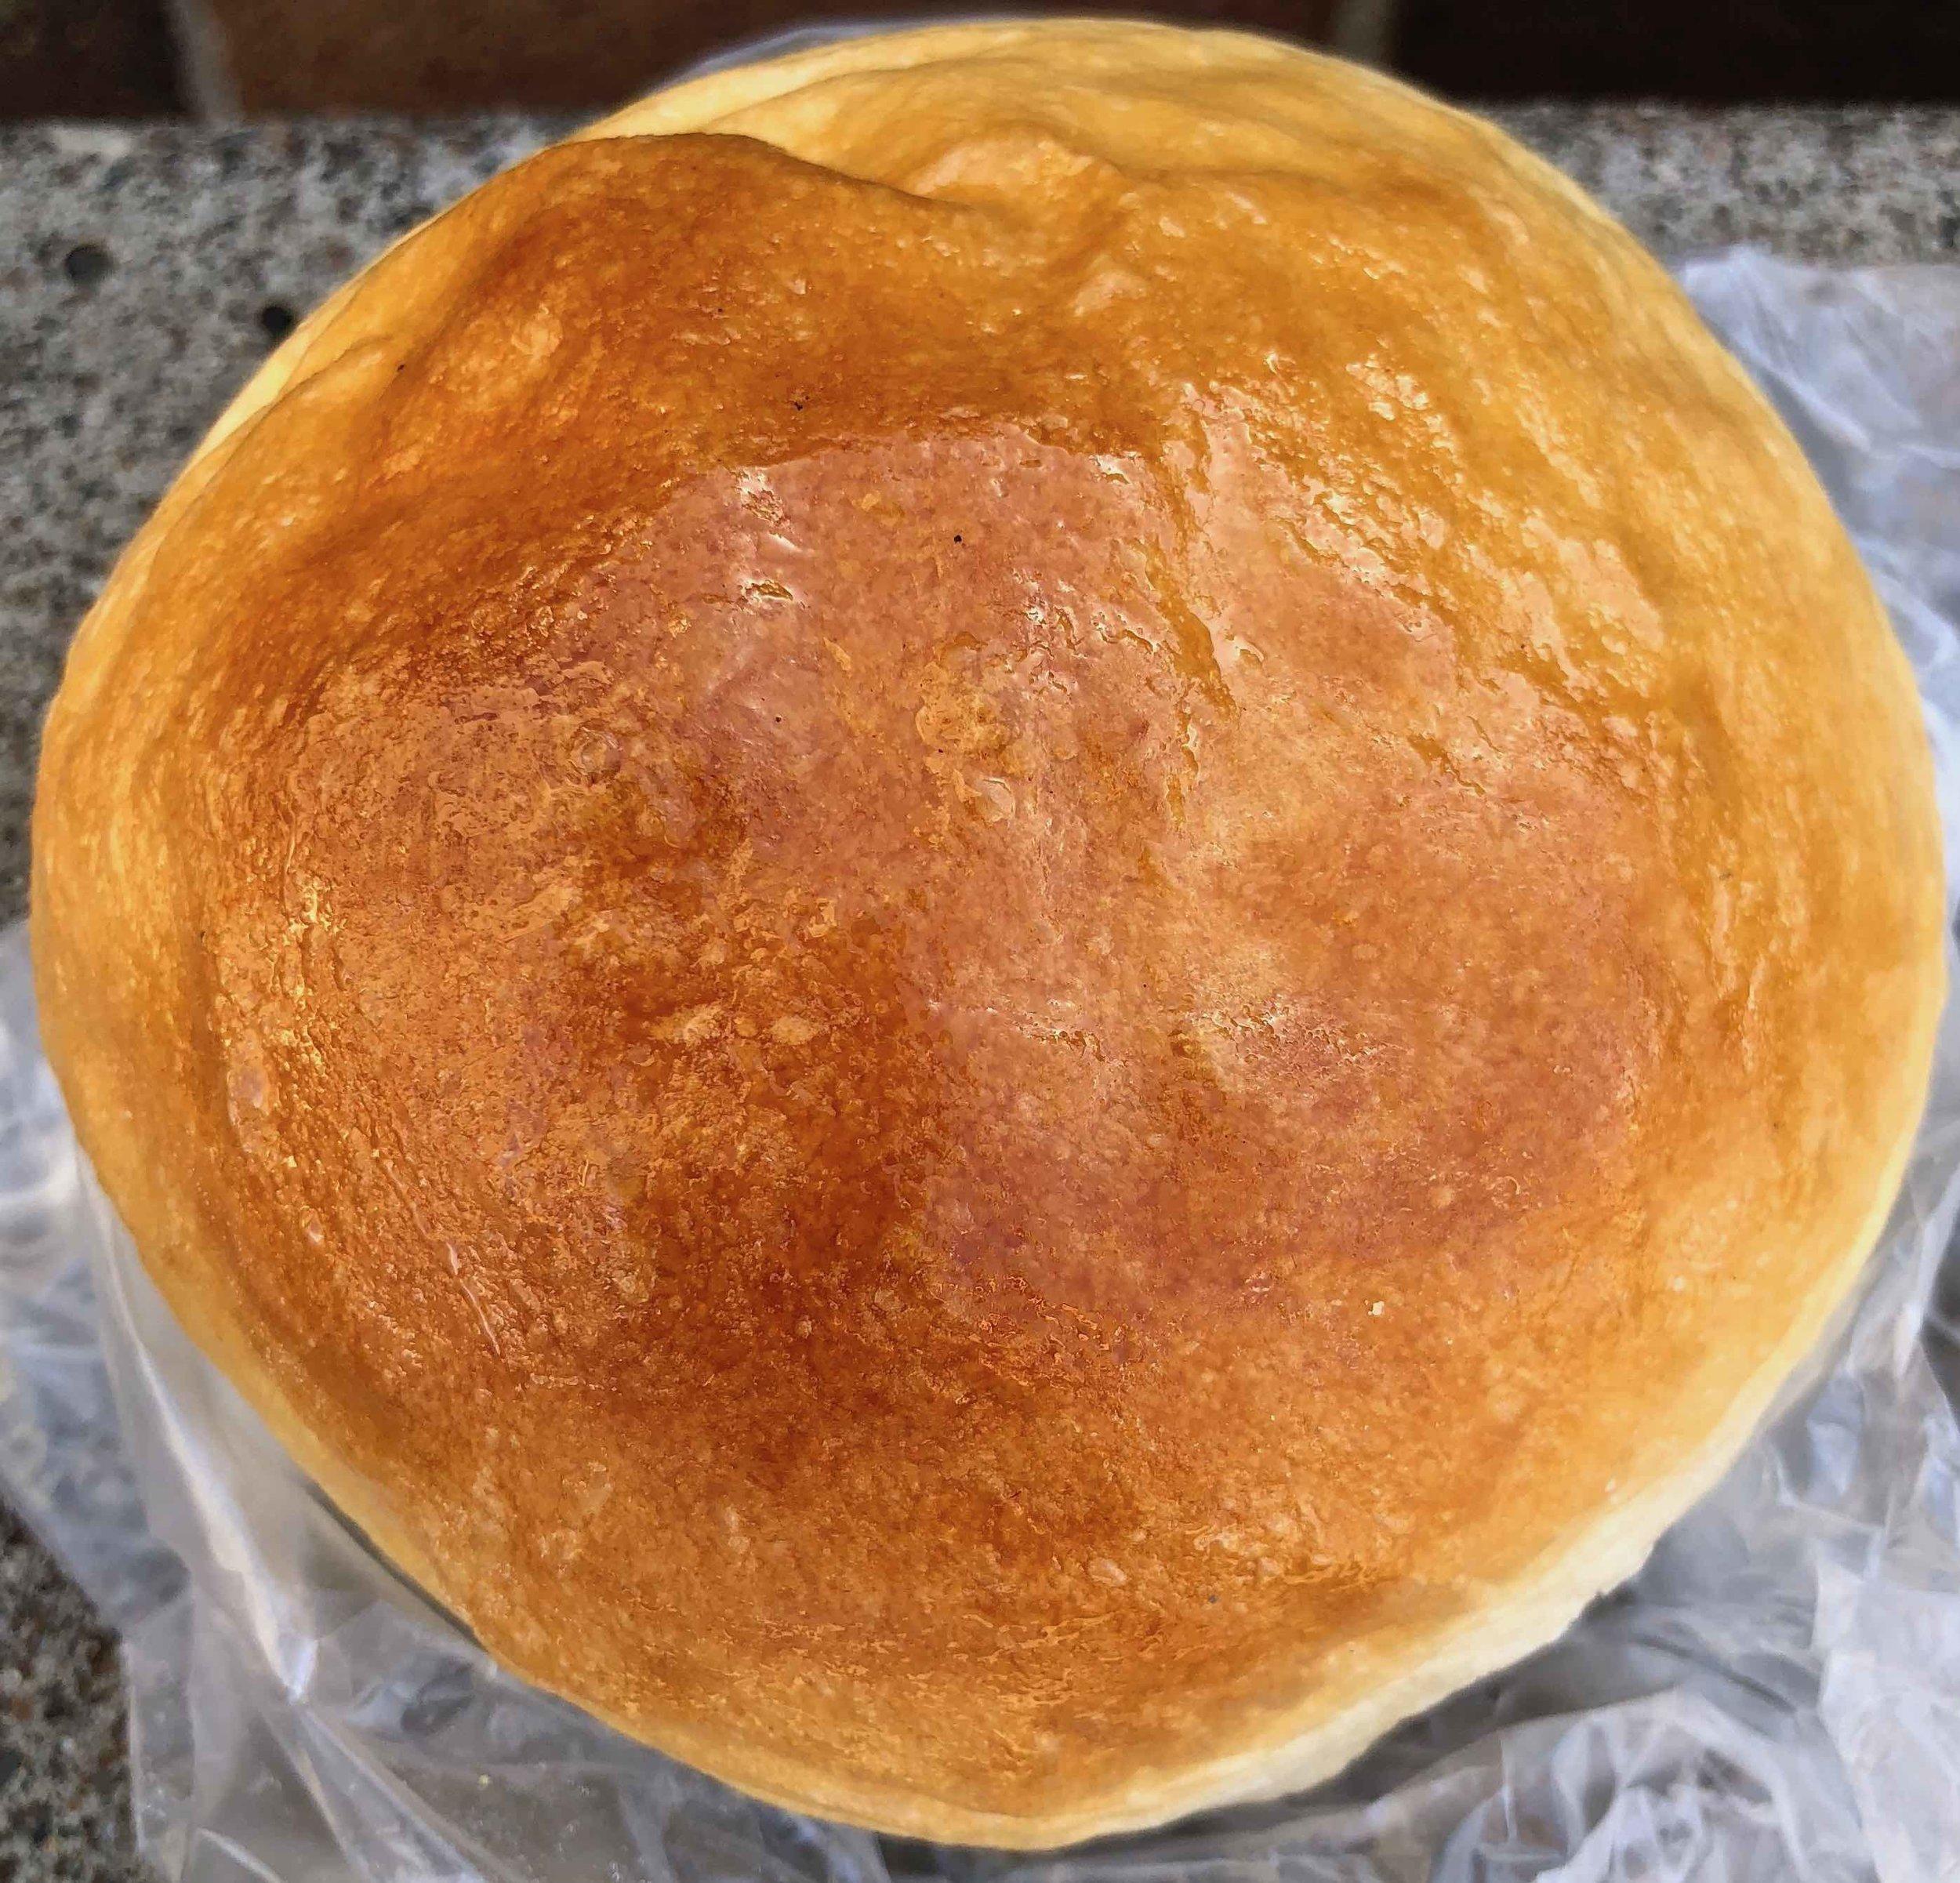 baked pork bun